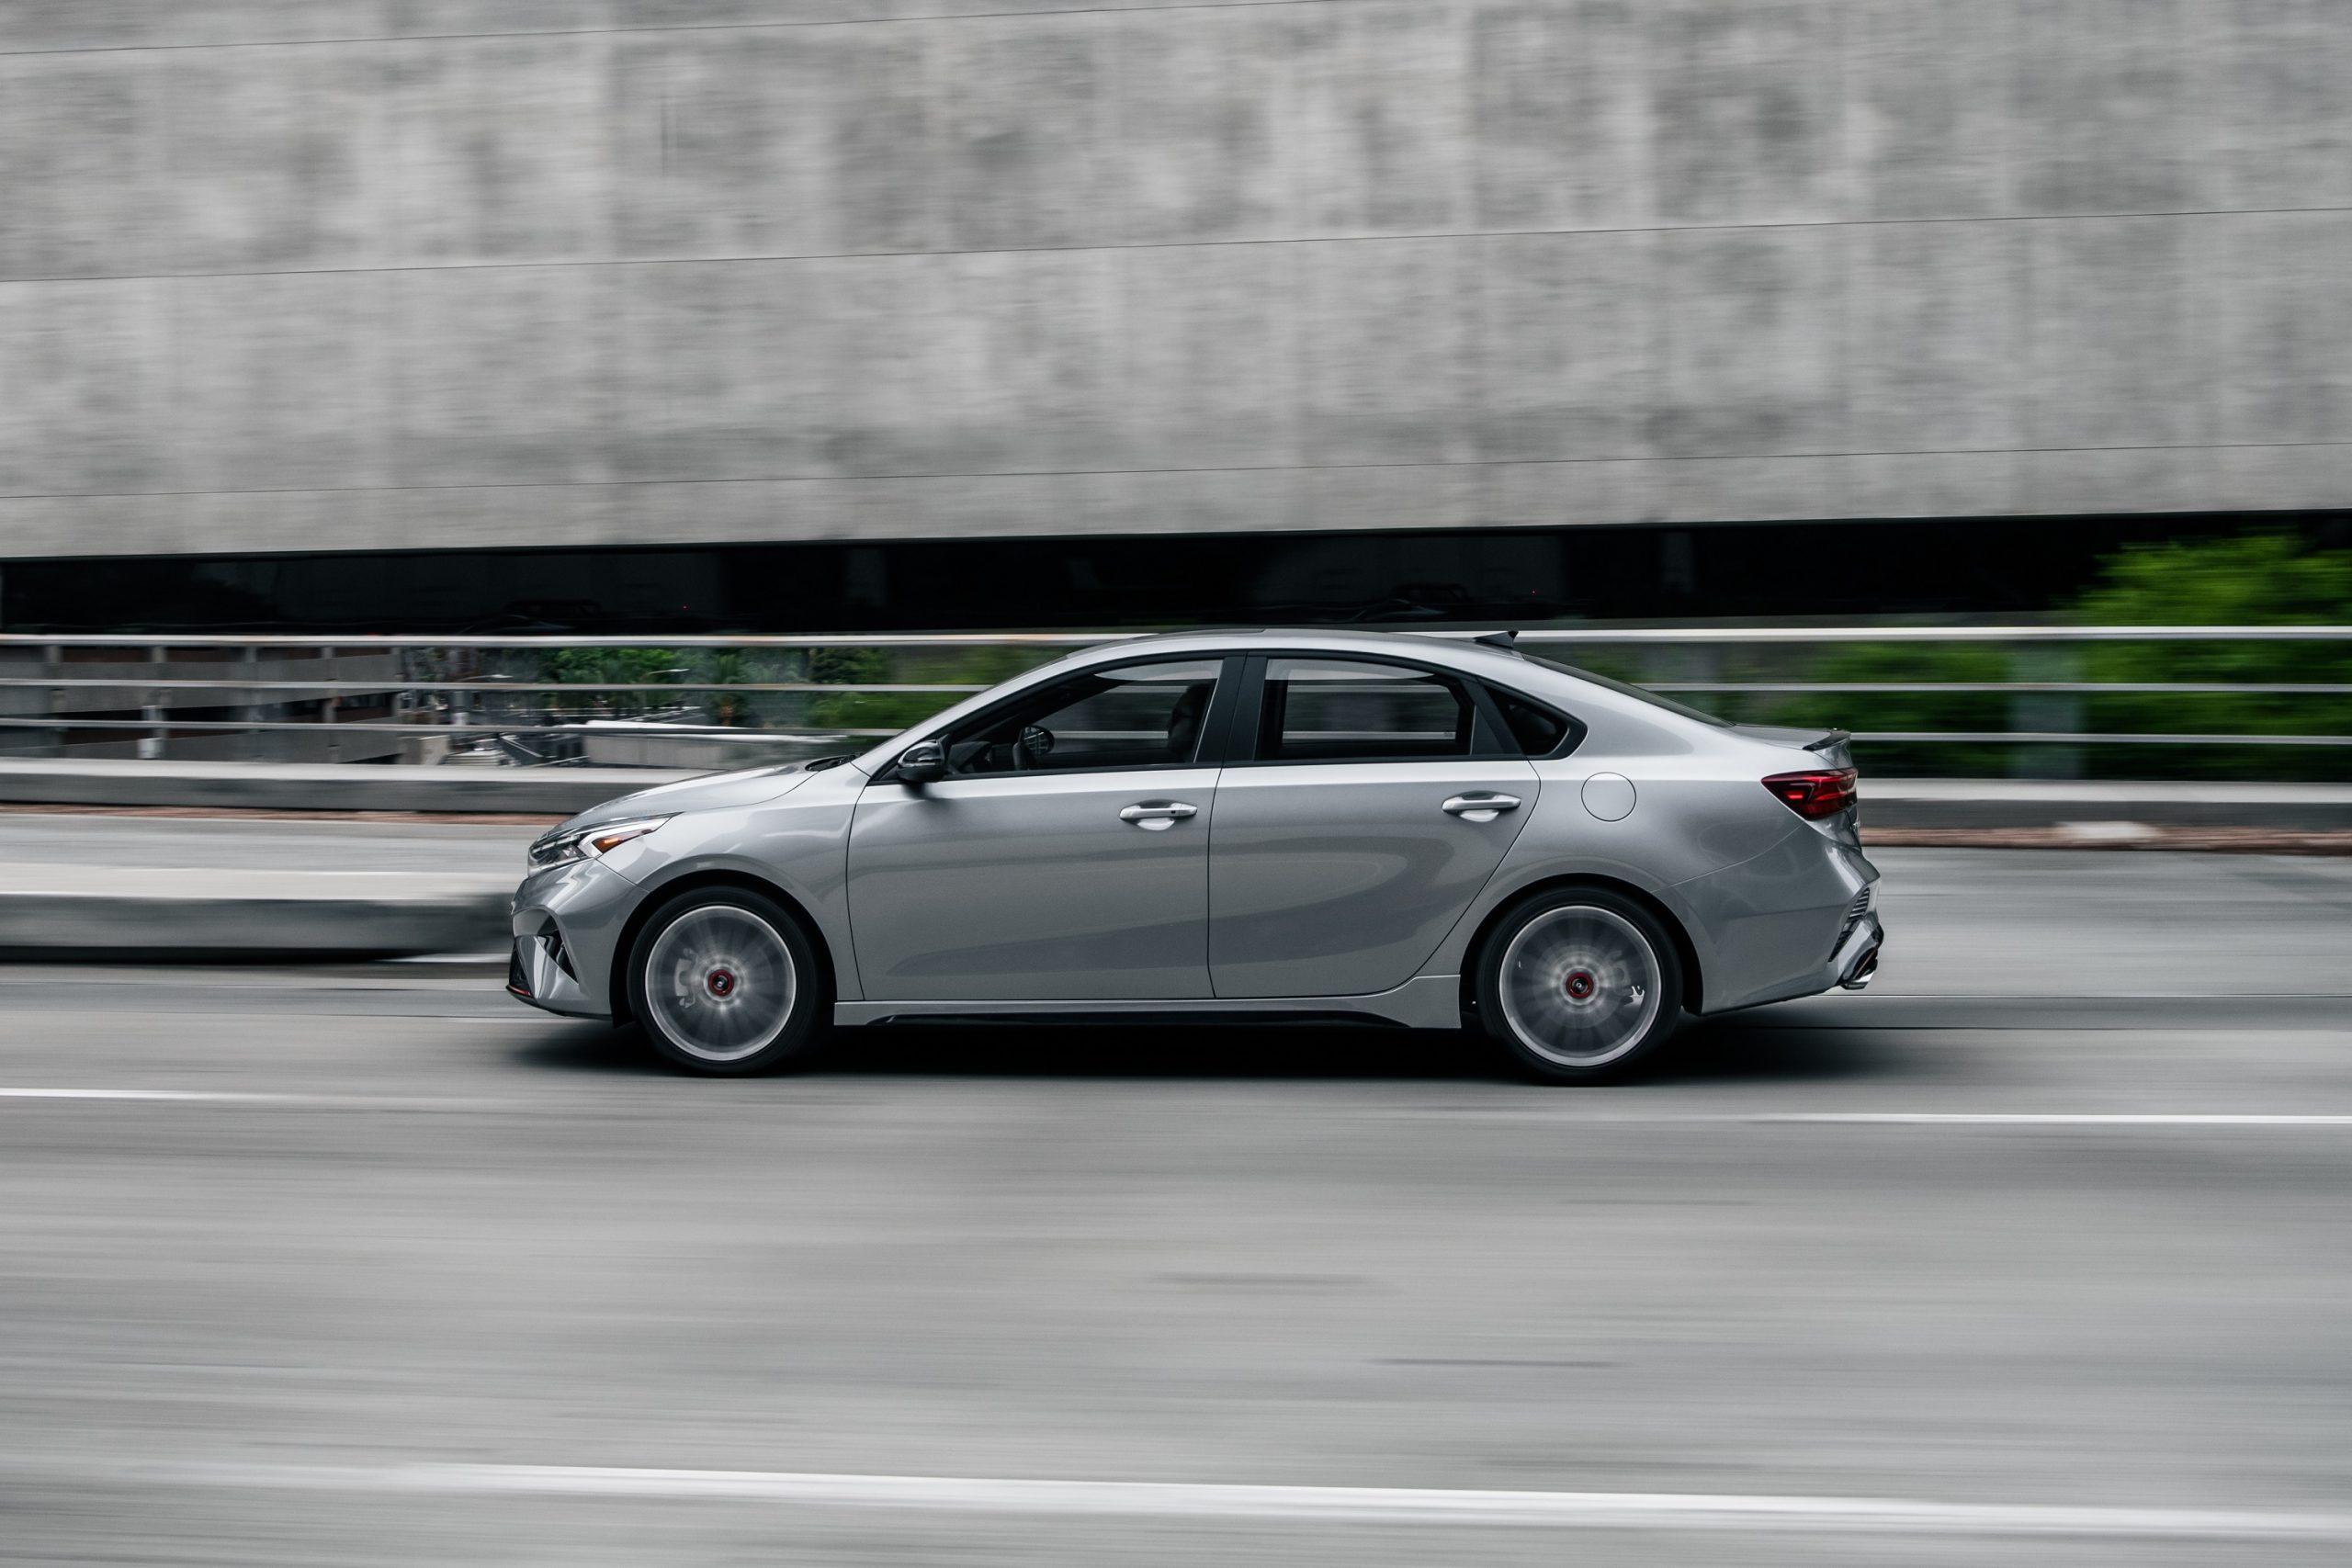 A silver 2022 Kia Forte shot in profile